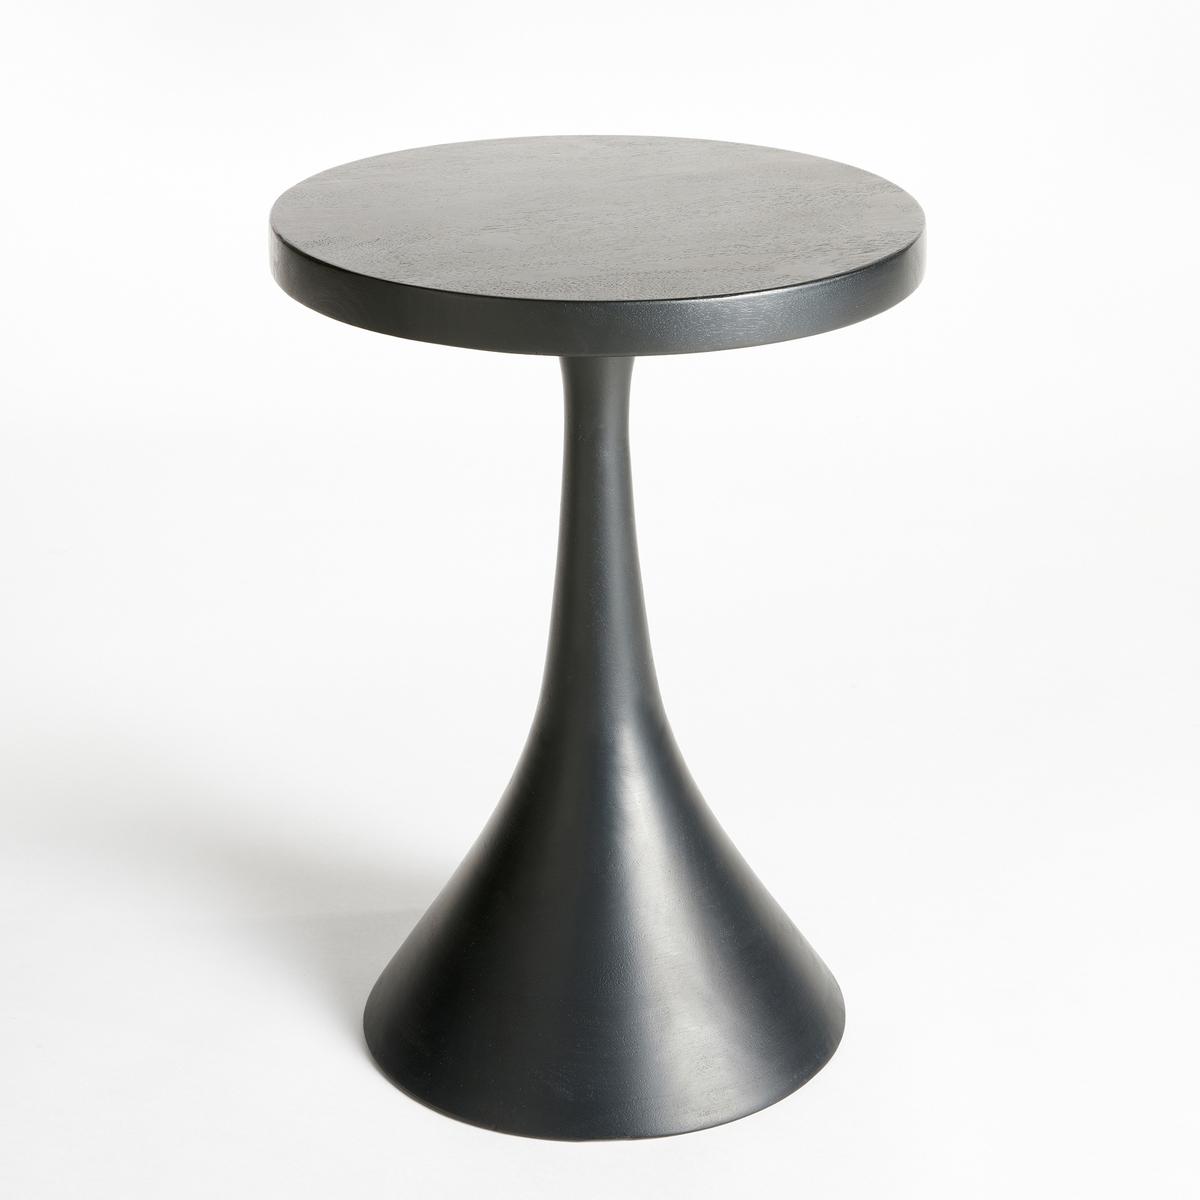 Столик диванный BogramДиванный столик Bogram. Можно использовать отдельно или в сочетании с другими моделями из нашей коллекции, которые продаются на нашем сайте. Характеристики :- Из мангового дерева черного цвета .Размеры :- диаметр 35 x высота 50 см.<br><br>Цвет: черный